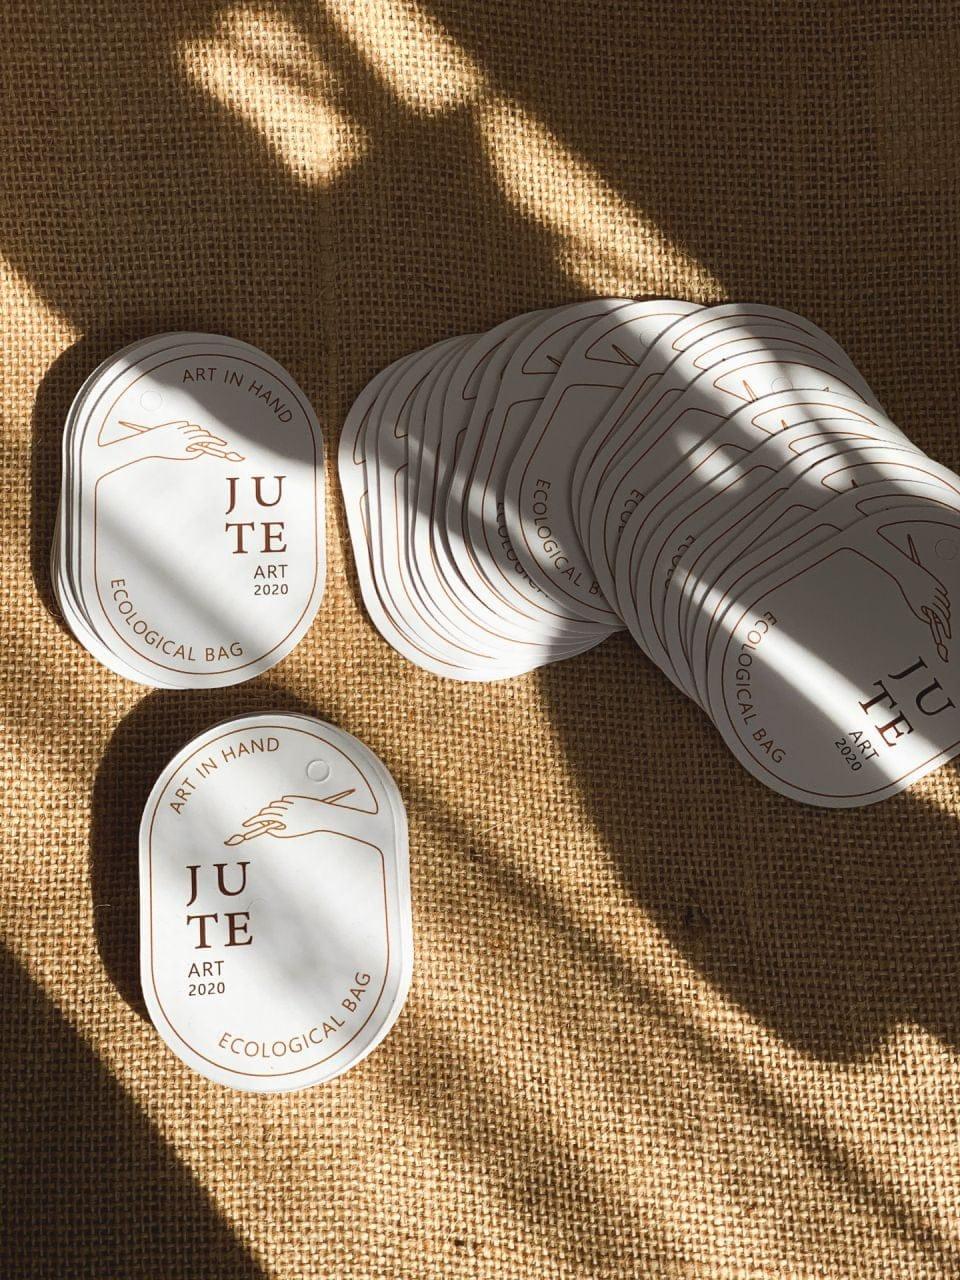 wizytówki wycinane (metki odzieżowe) z logo JUTE